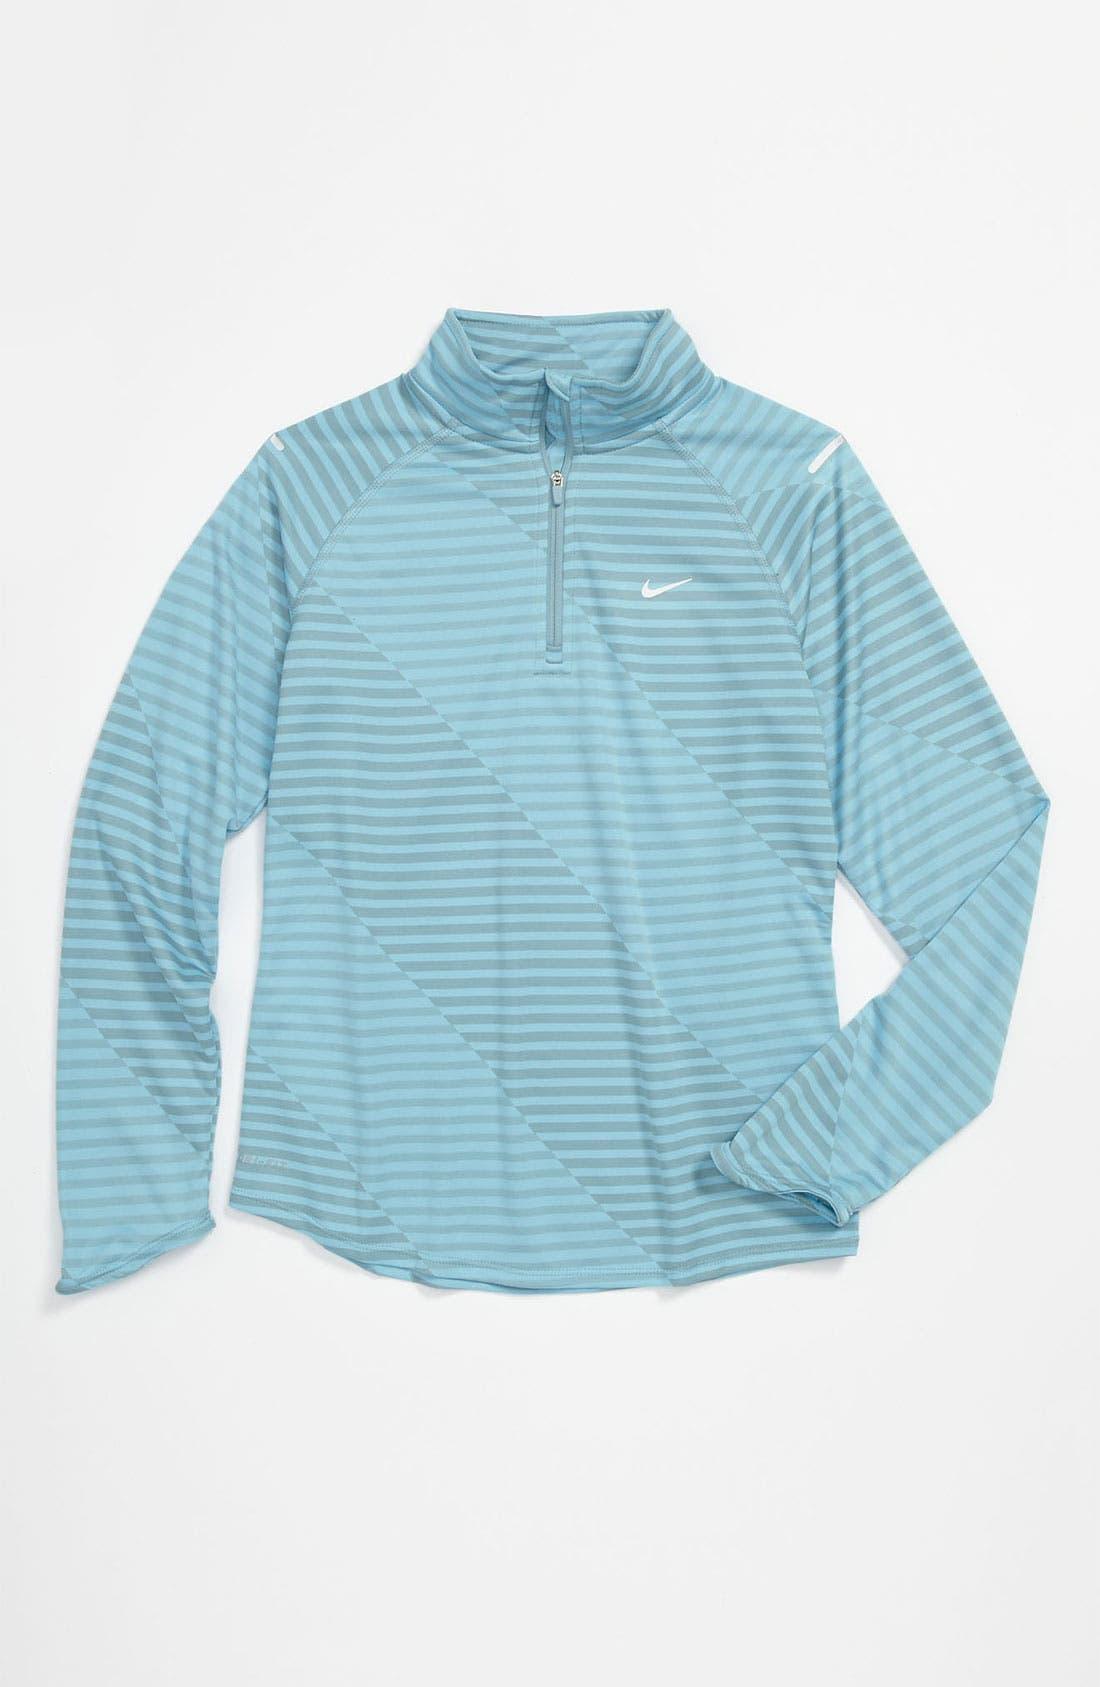 Main Image - Nike 'Jacquard Element' Jacket (Big Girls)